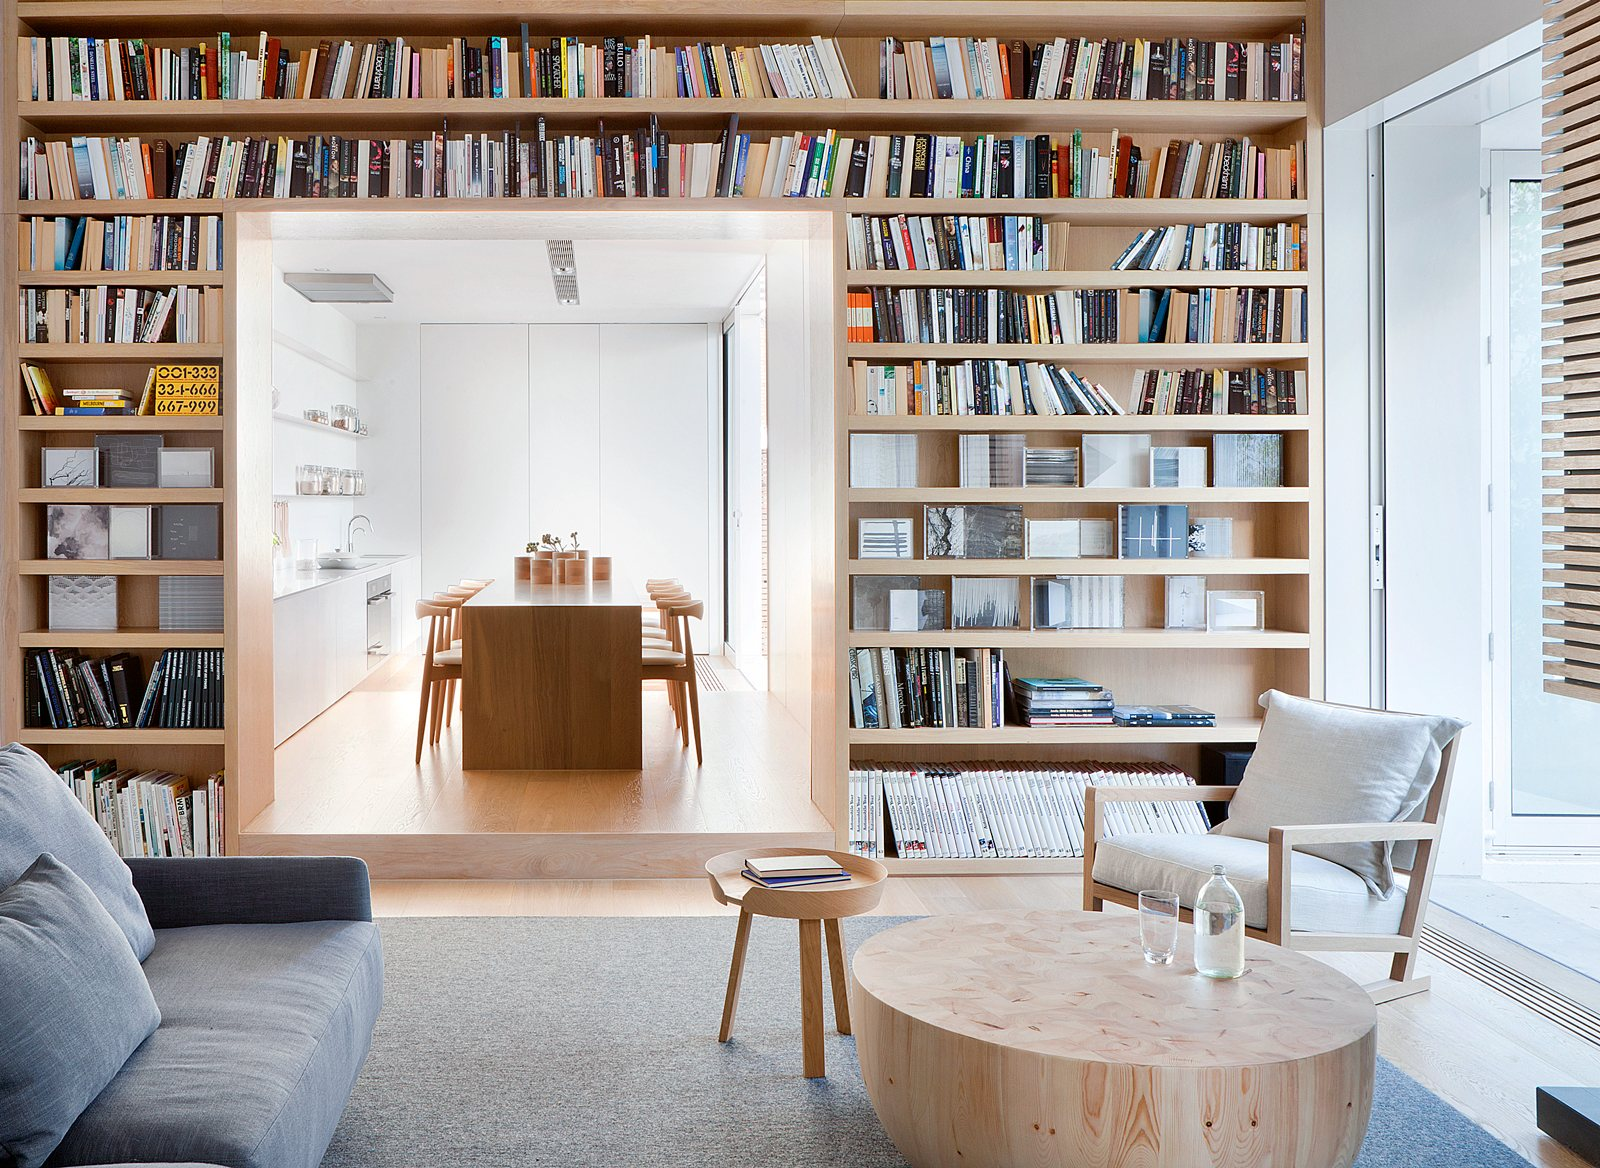 Decoraci n de un interior contempor neo y minimalista con for Casa minimalista interior blanco